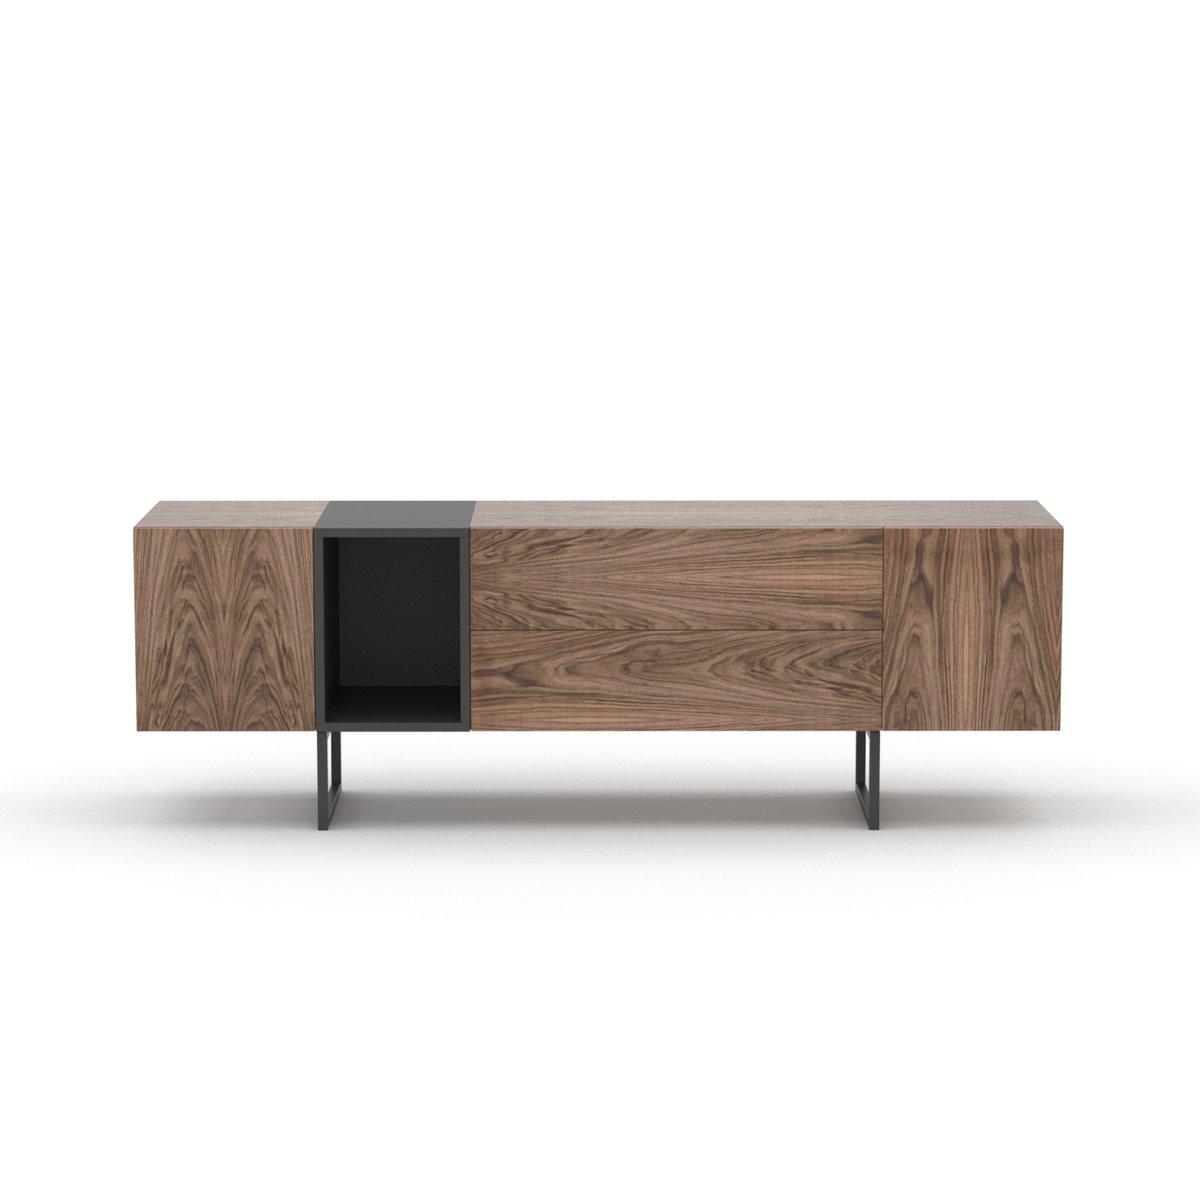 Wunderbar Holz Lowboard Galerie Von Kommode Sideboard Anrichte Wohnzimmer Schrank Abato-180, 799,90